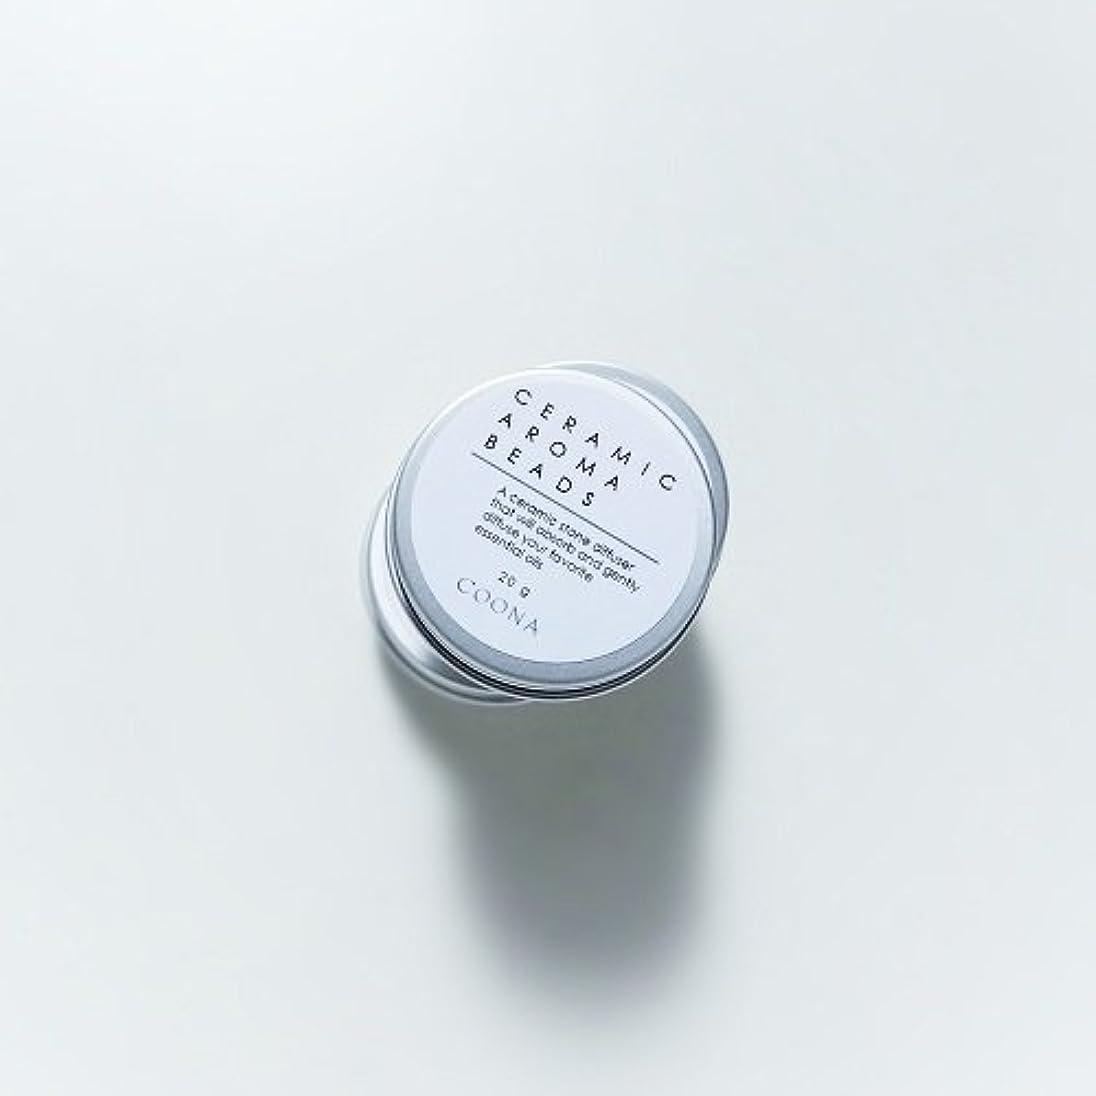 関係森林ケージセラミックアロマビーズ(缶入り アロマストーン エコディフューザー)20g×1個